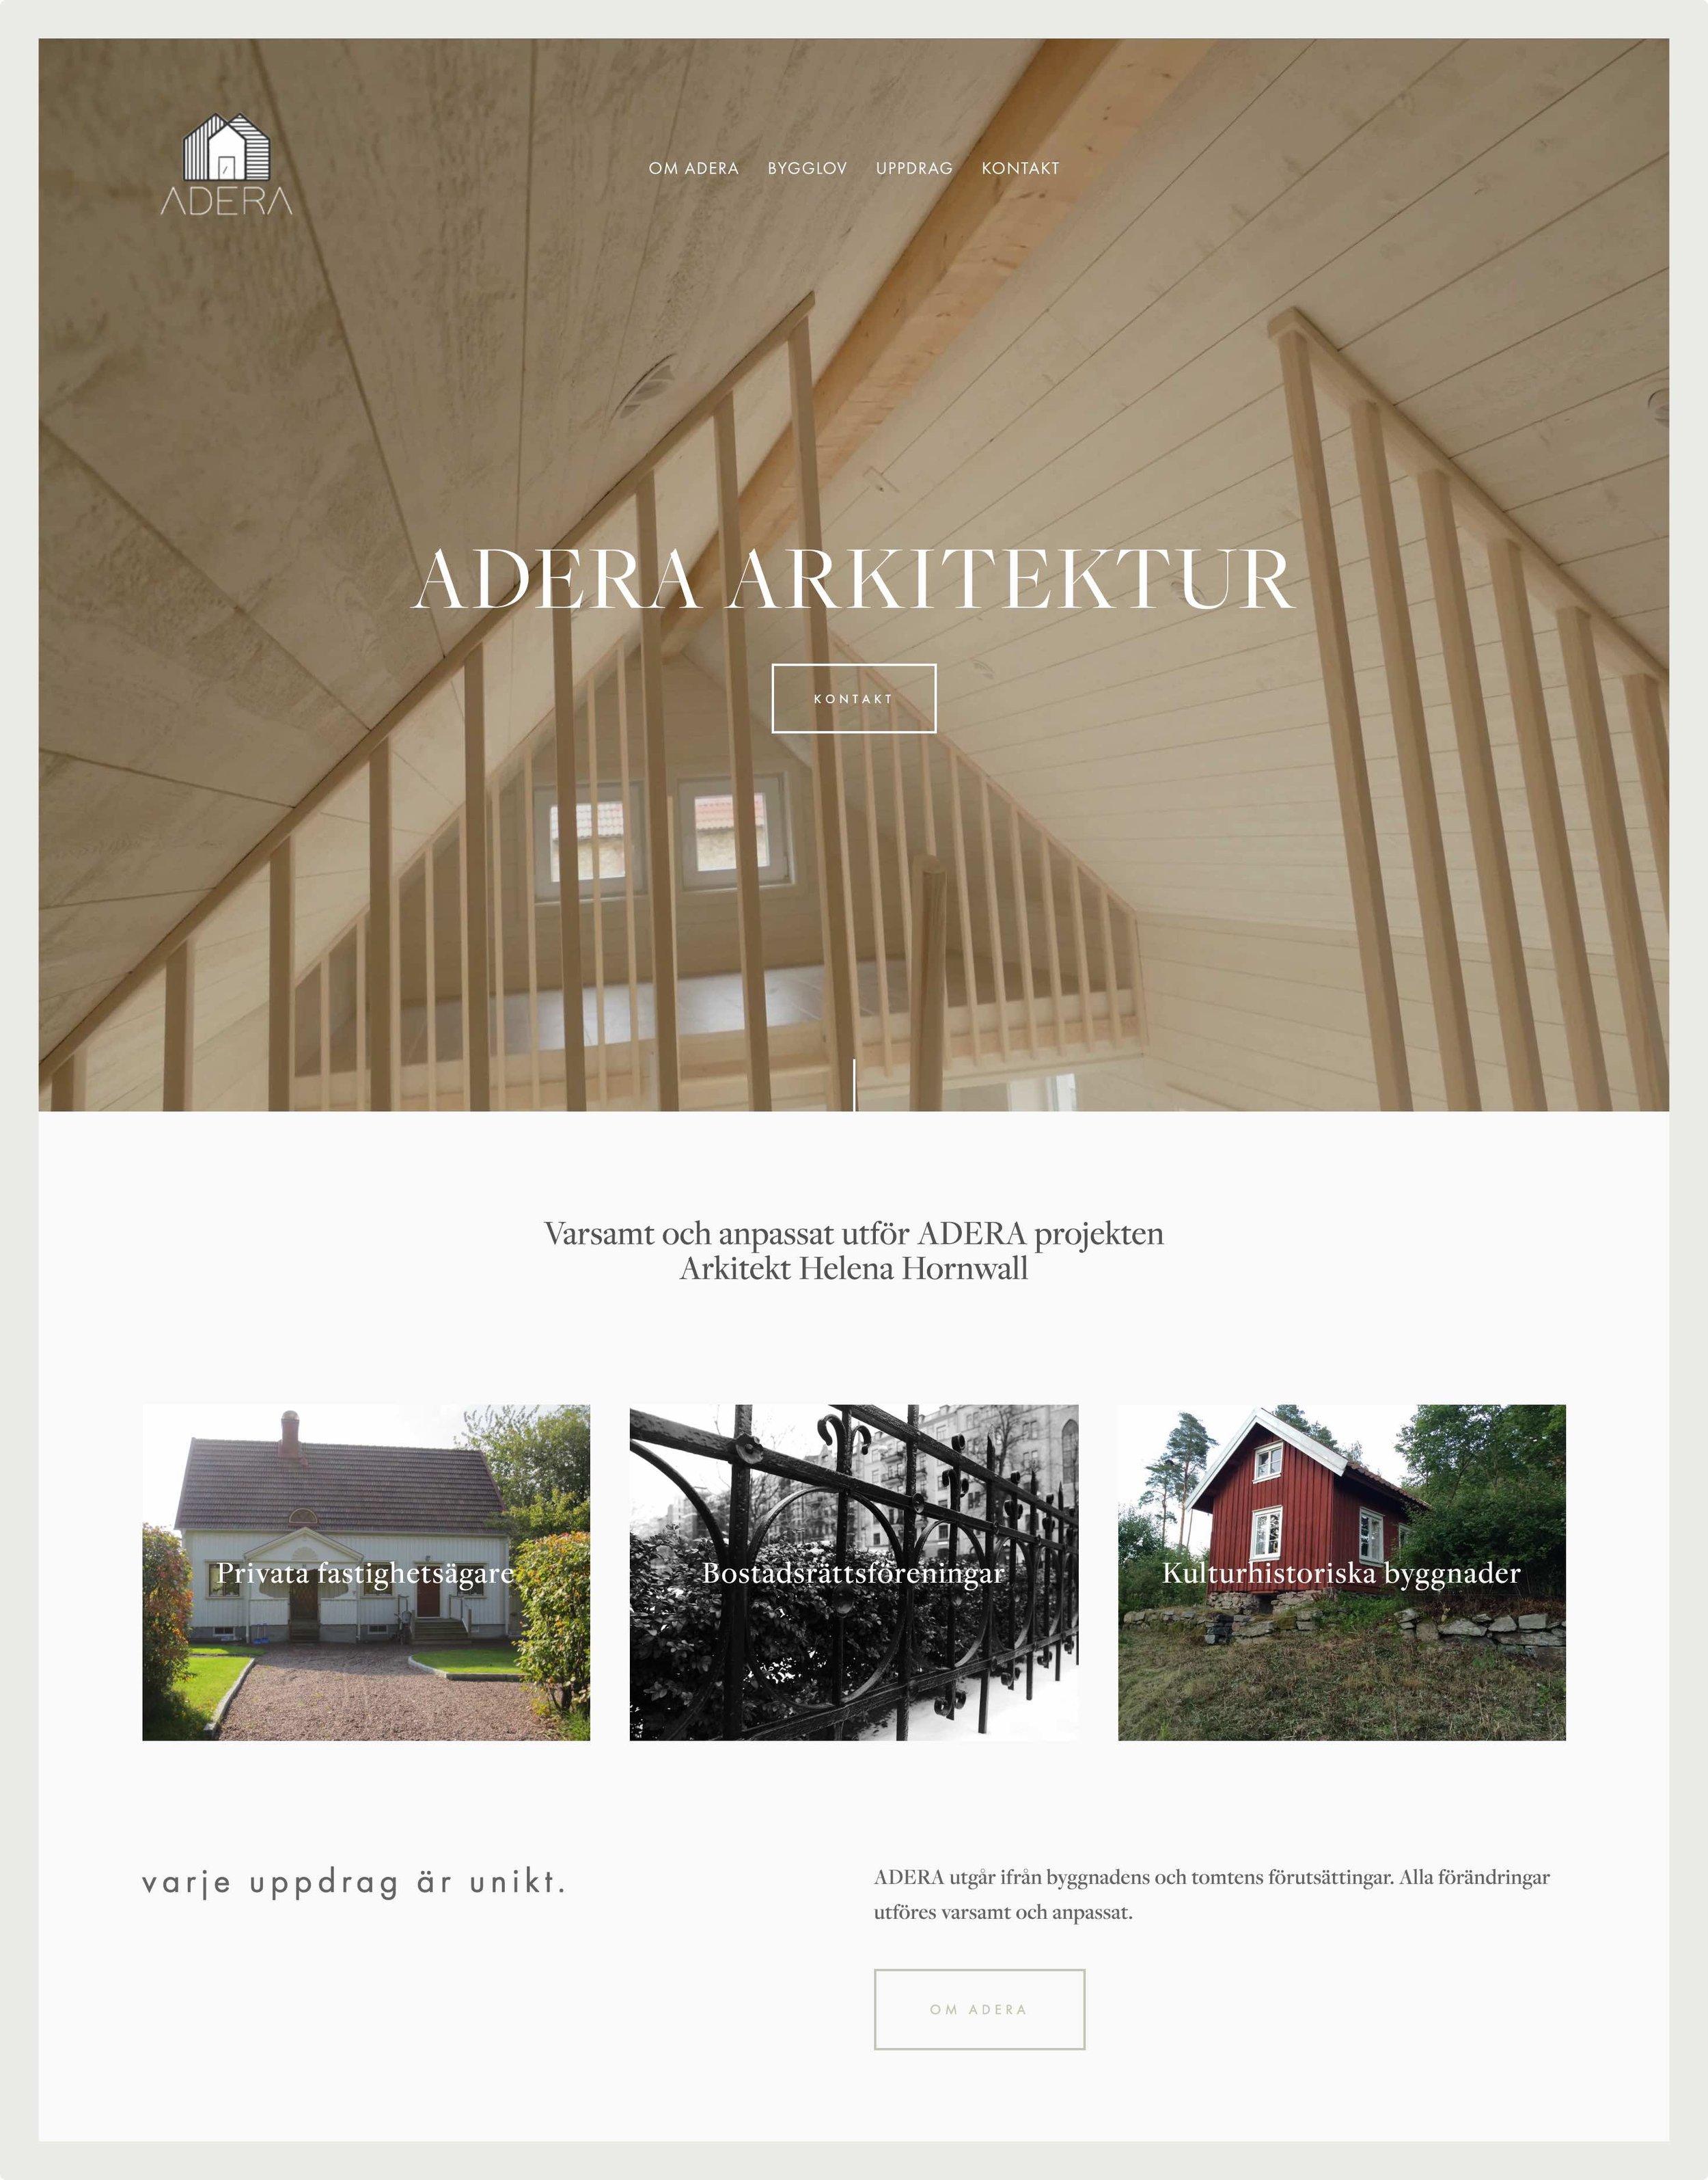 framtidens-webbyrå-uppdrag-webbplats-adera-arkitektur.jpg